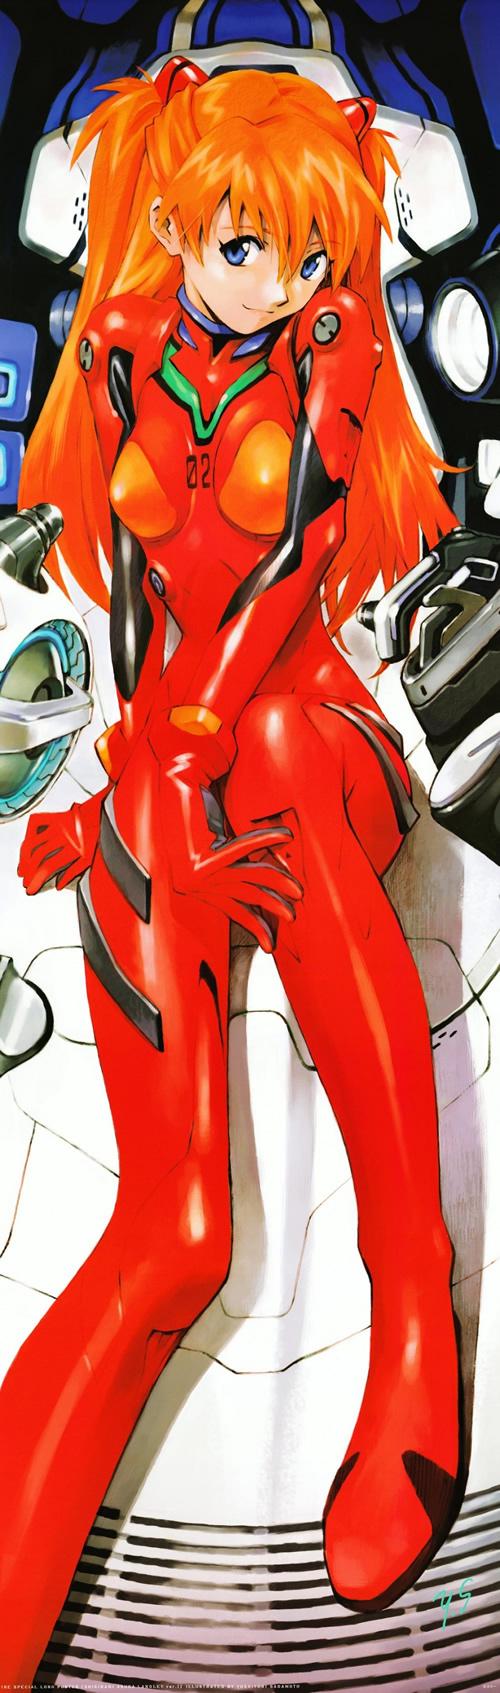 Cute paintings of Asuka Langley Sohryu from Neon Genesis Evangelion